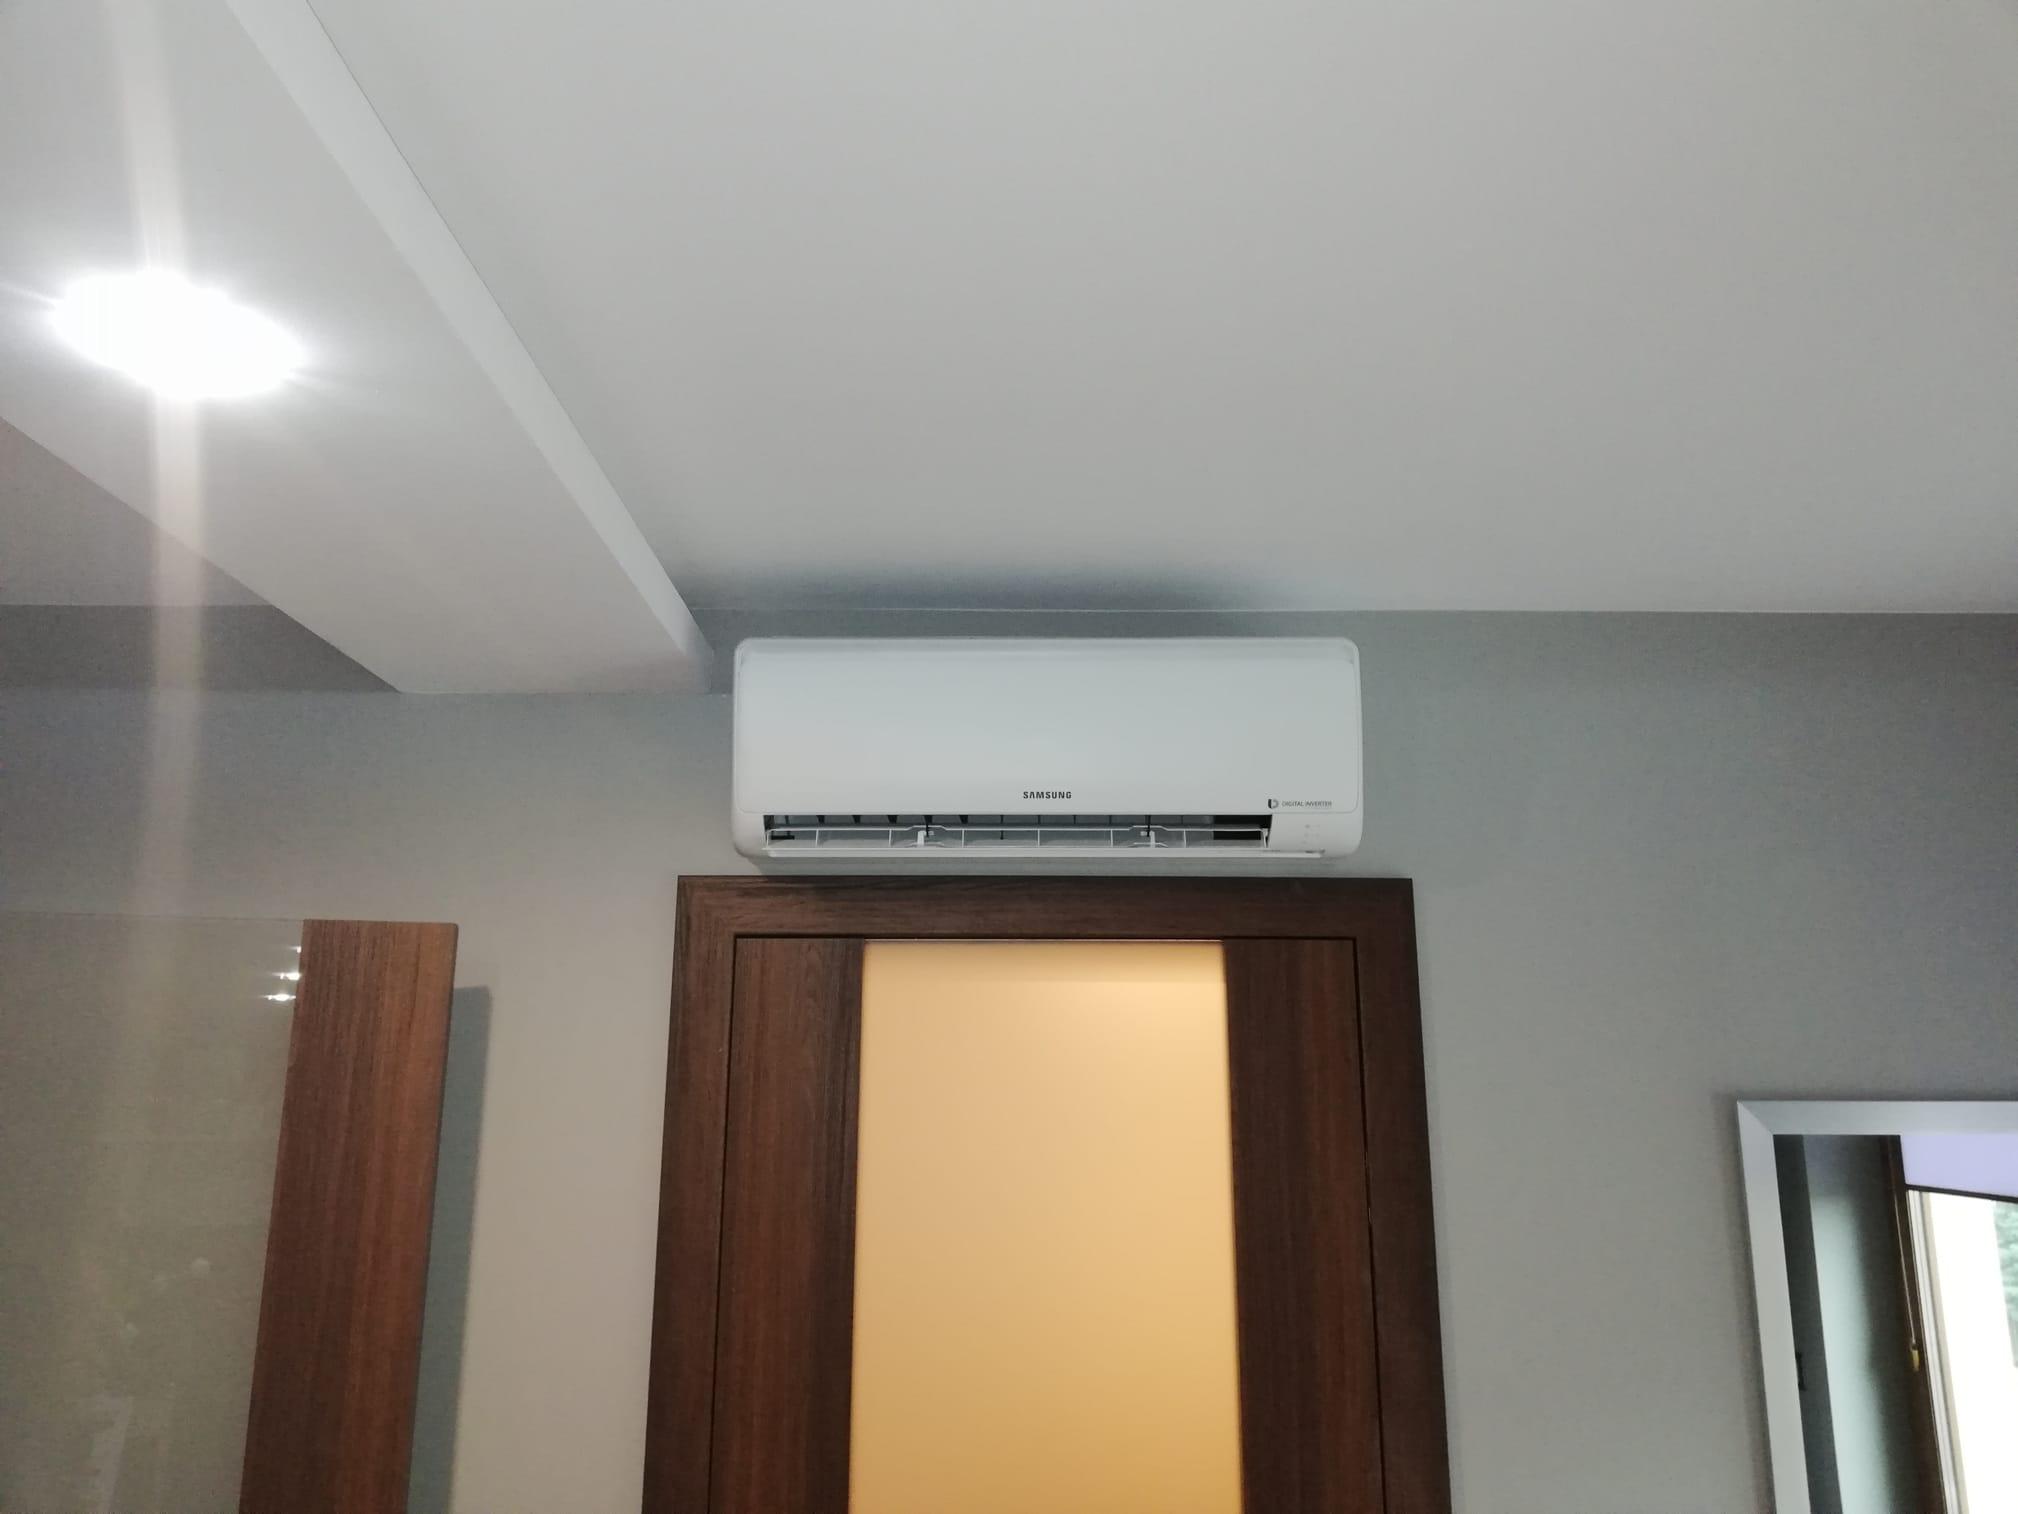 realizacja-klimatyzator-samsung-eco-sypialnia